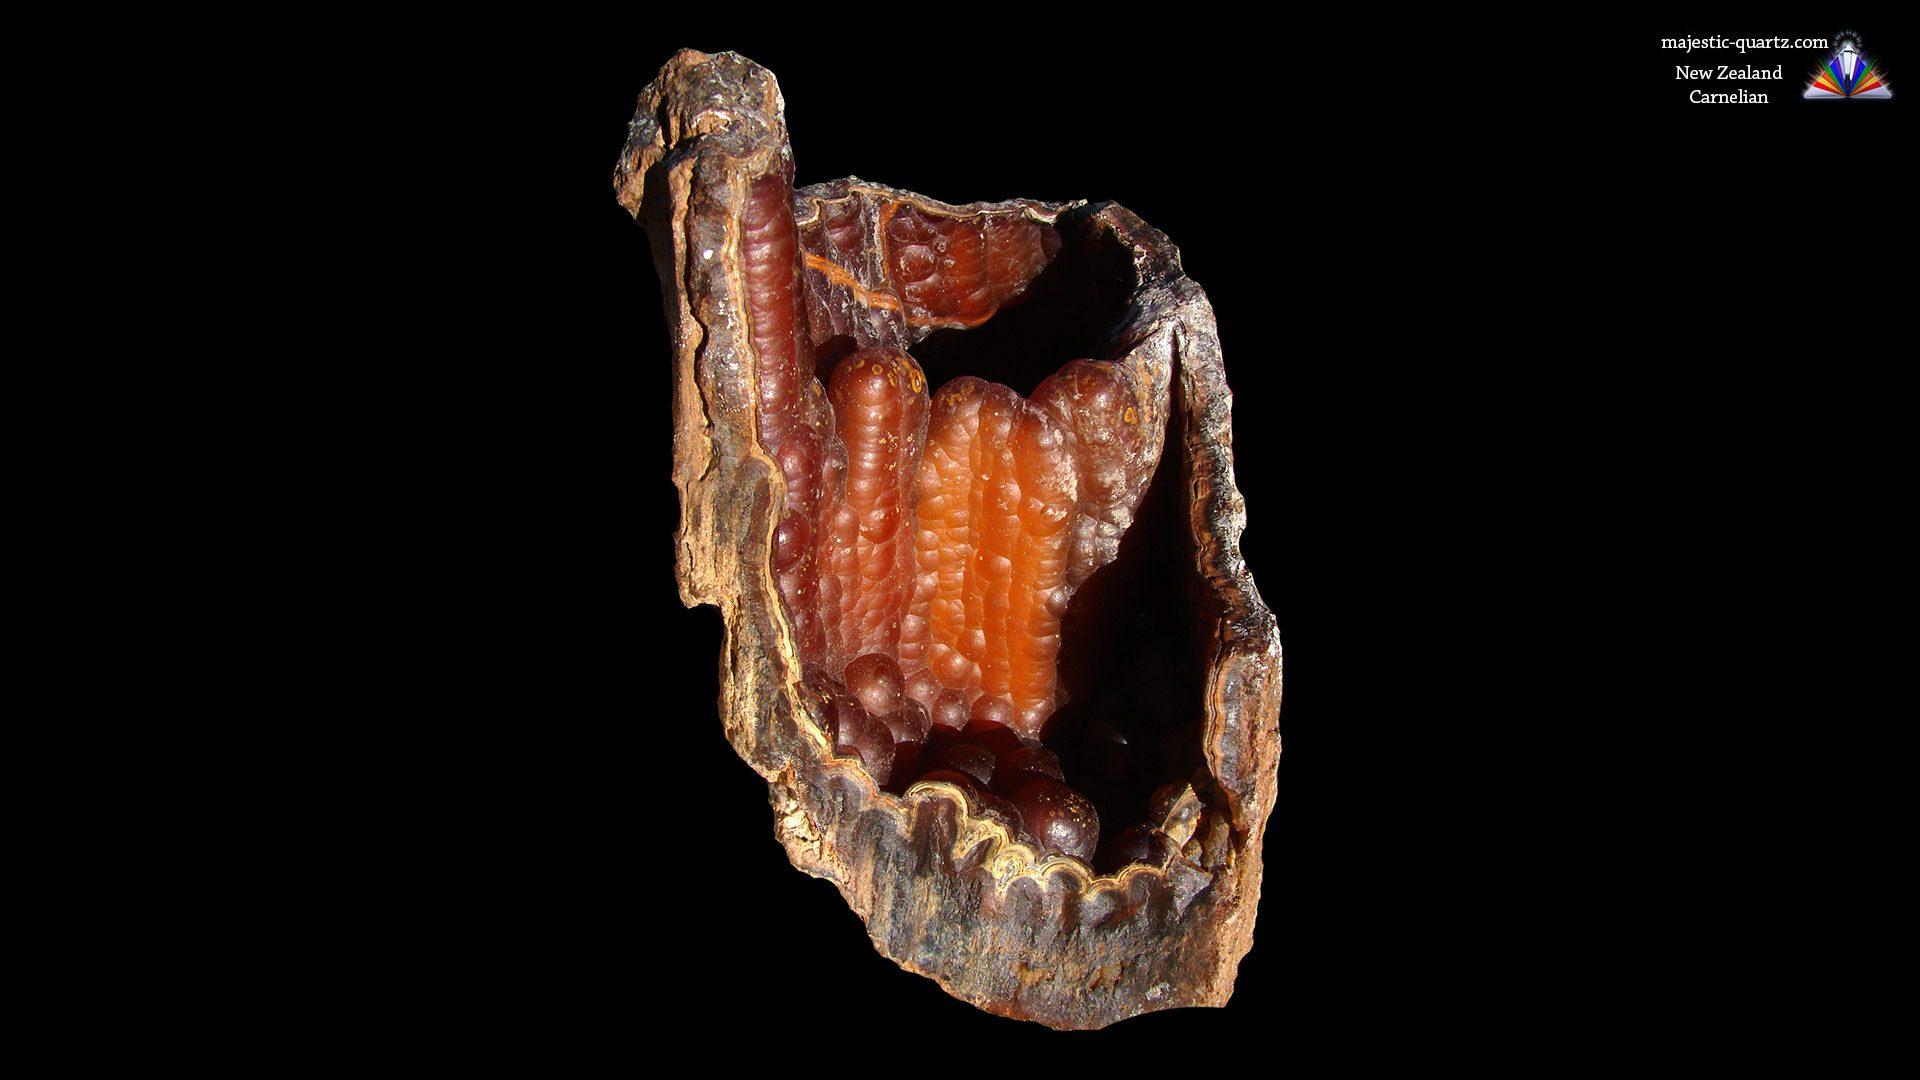 Genuine Carnelian Specimen From New Zealand - Photograph by Anthony Bradford